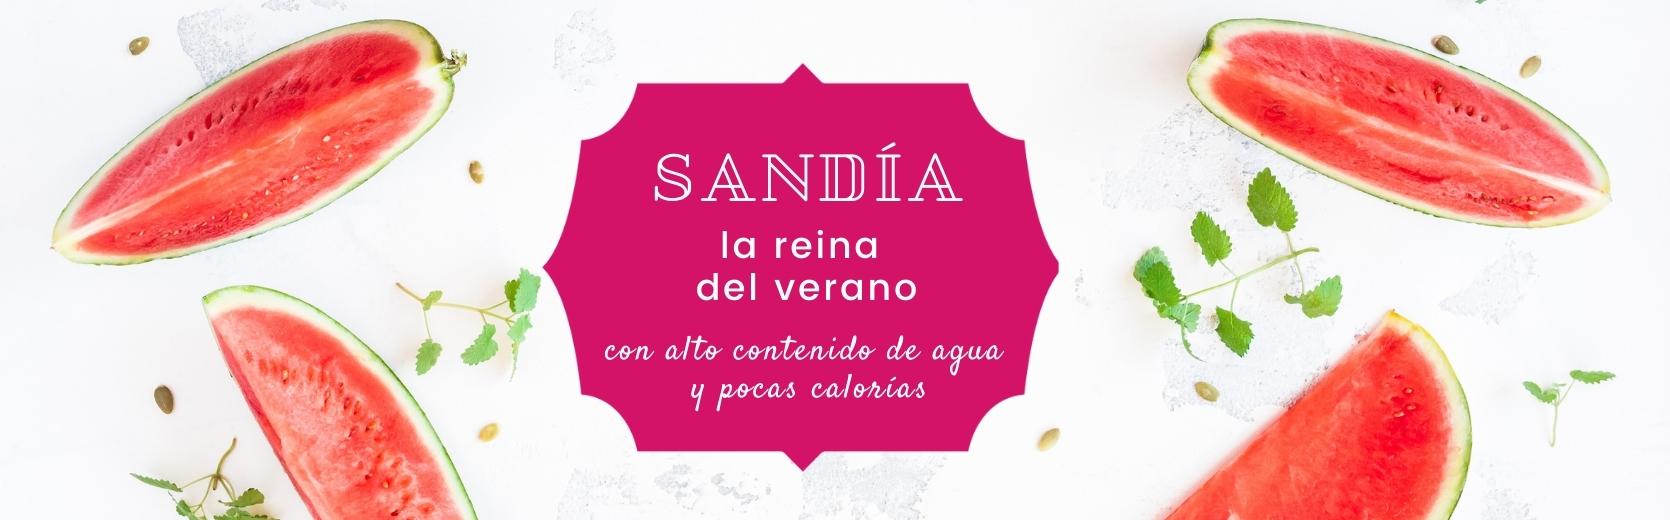 frutería Online - Sandía